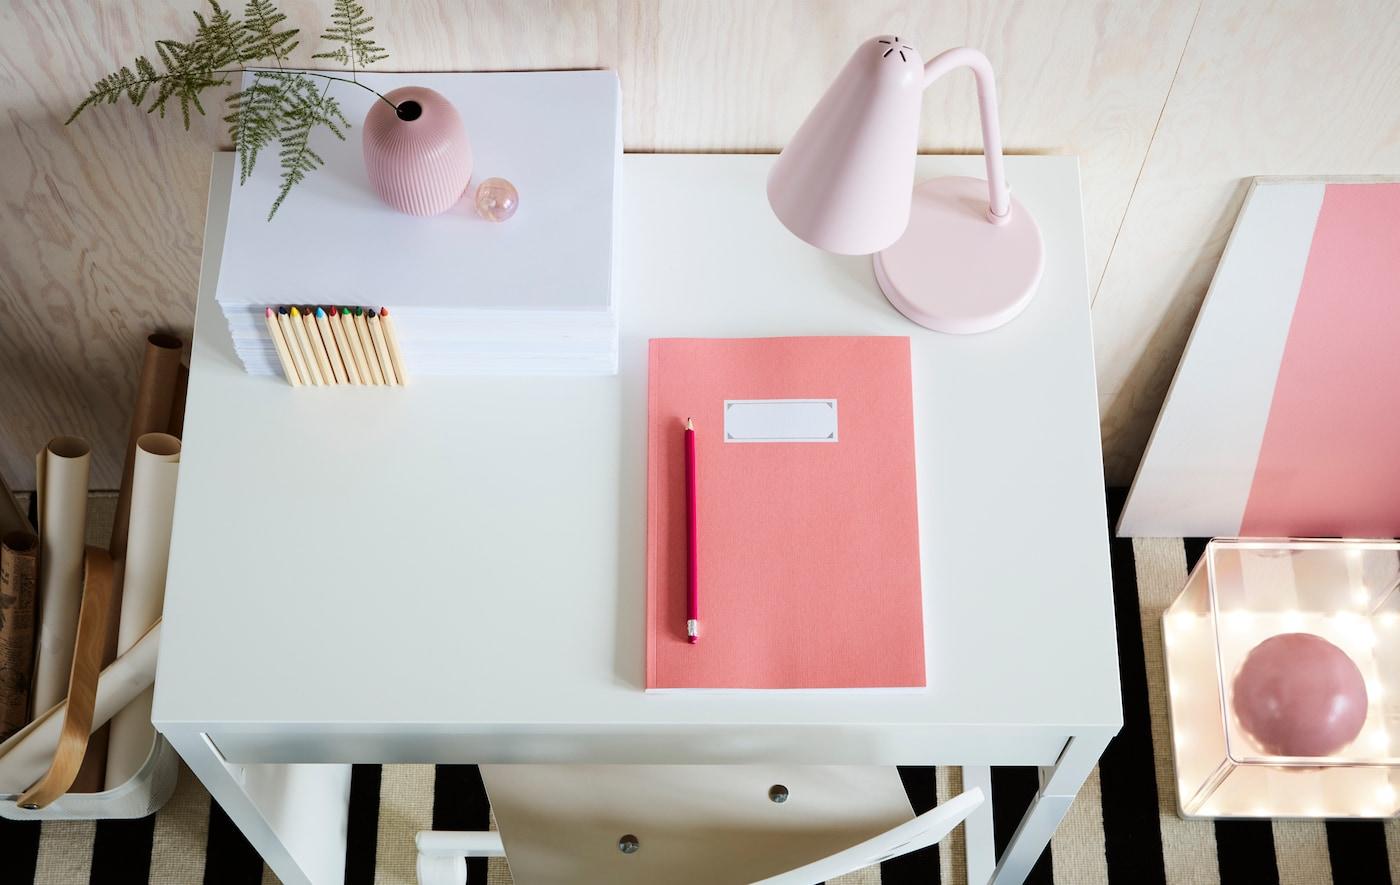 Luo graafinen lastenhuone! Hyvän pohjan väreille luo valkoinen ja käytännöllinen koulupöytä, kuten IKEA MICKE-työpöytä!